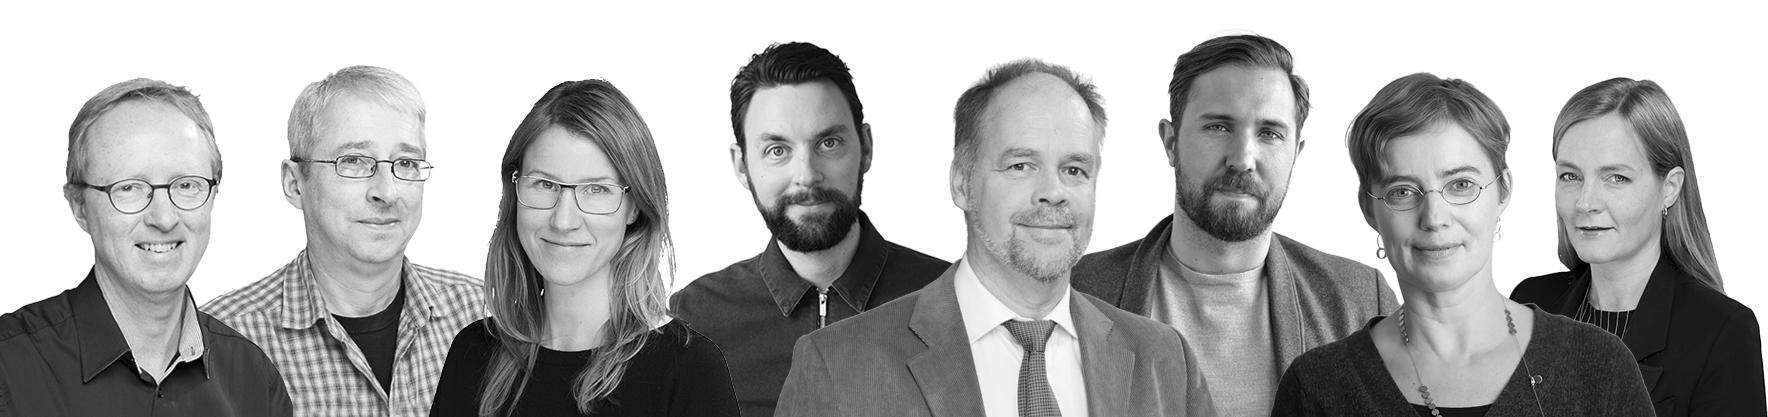 Gruppchefer: Johan Rittsél, Anders Scherman, Lisa Wikström, Fredrik Ekerhult, Klas Eriksson, Robert Petrén, Annika Askerblom och Katja Hillström. Foto: AIX Arkitekter.